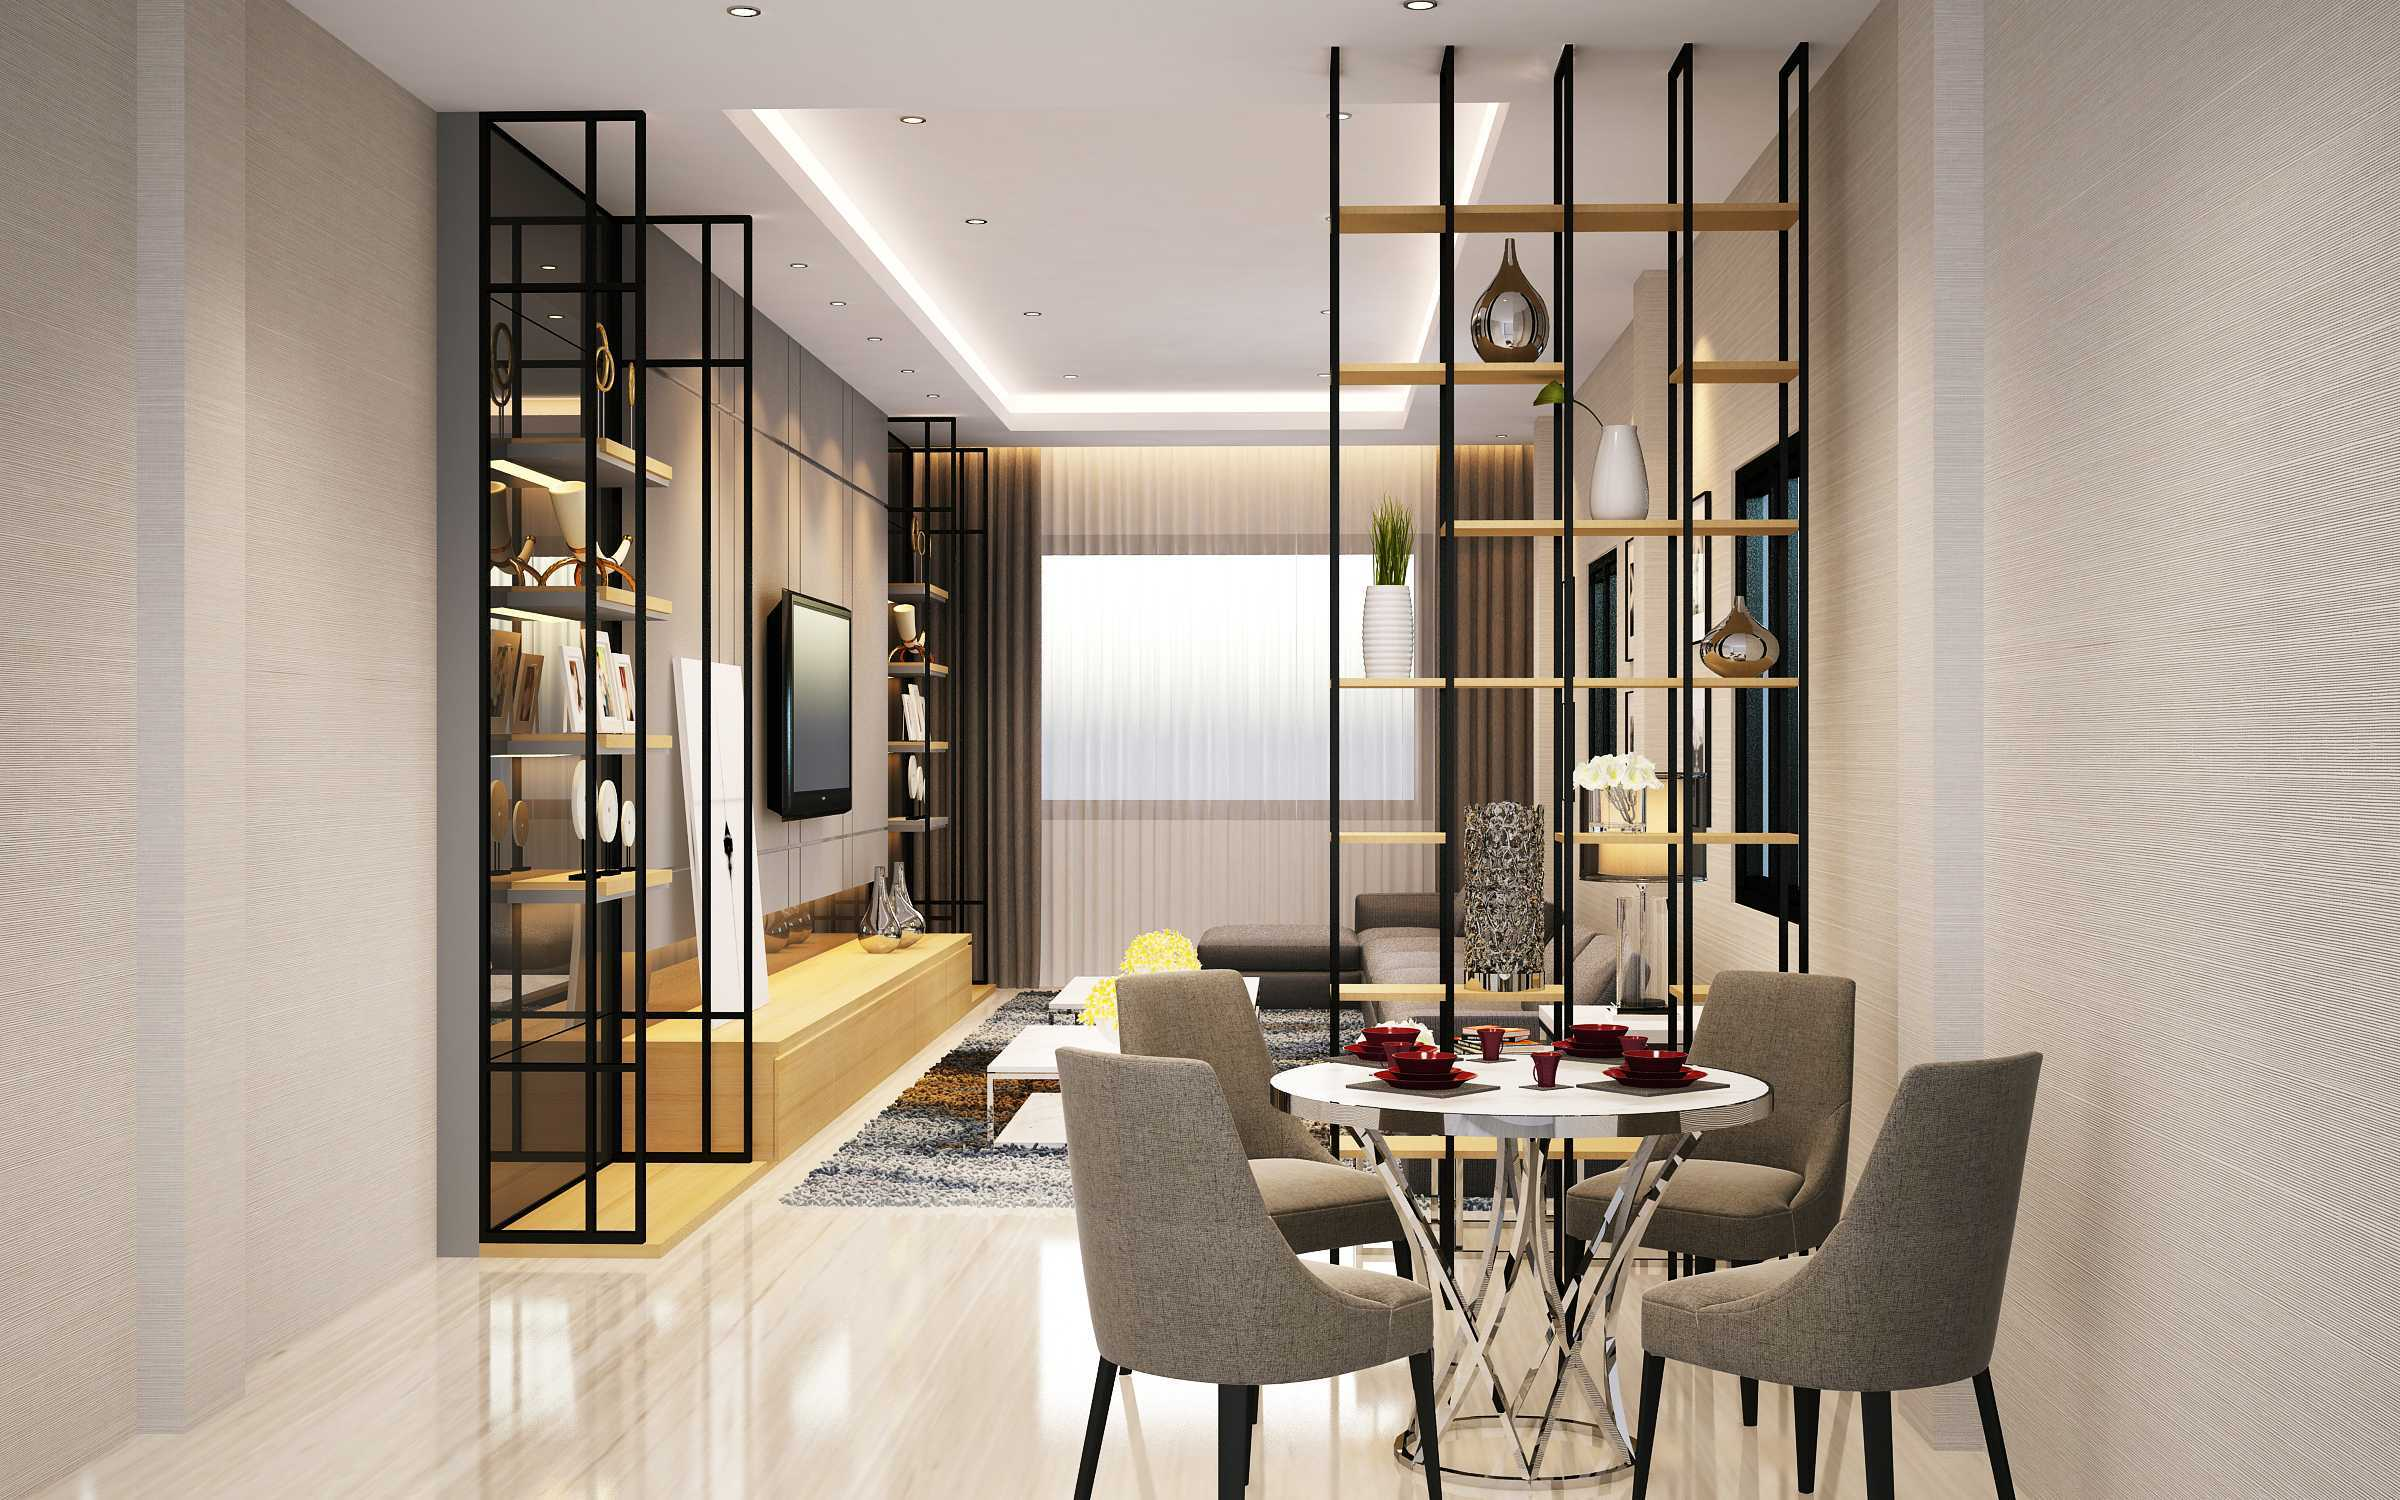 Simplifica Interior Mi House Medan, Kota Medan, Sumatera Utara, Indonesia Medan, Kota Medan, Sumatera Utara, Indonesia Simplifica-Interior-Mr-Ivan-House   62982